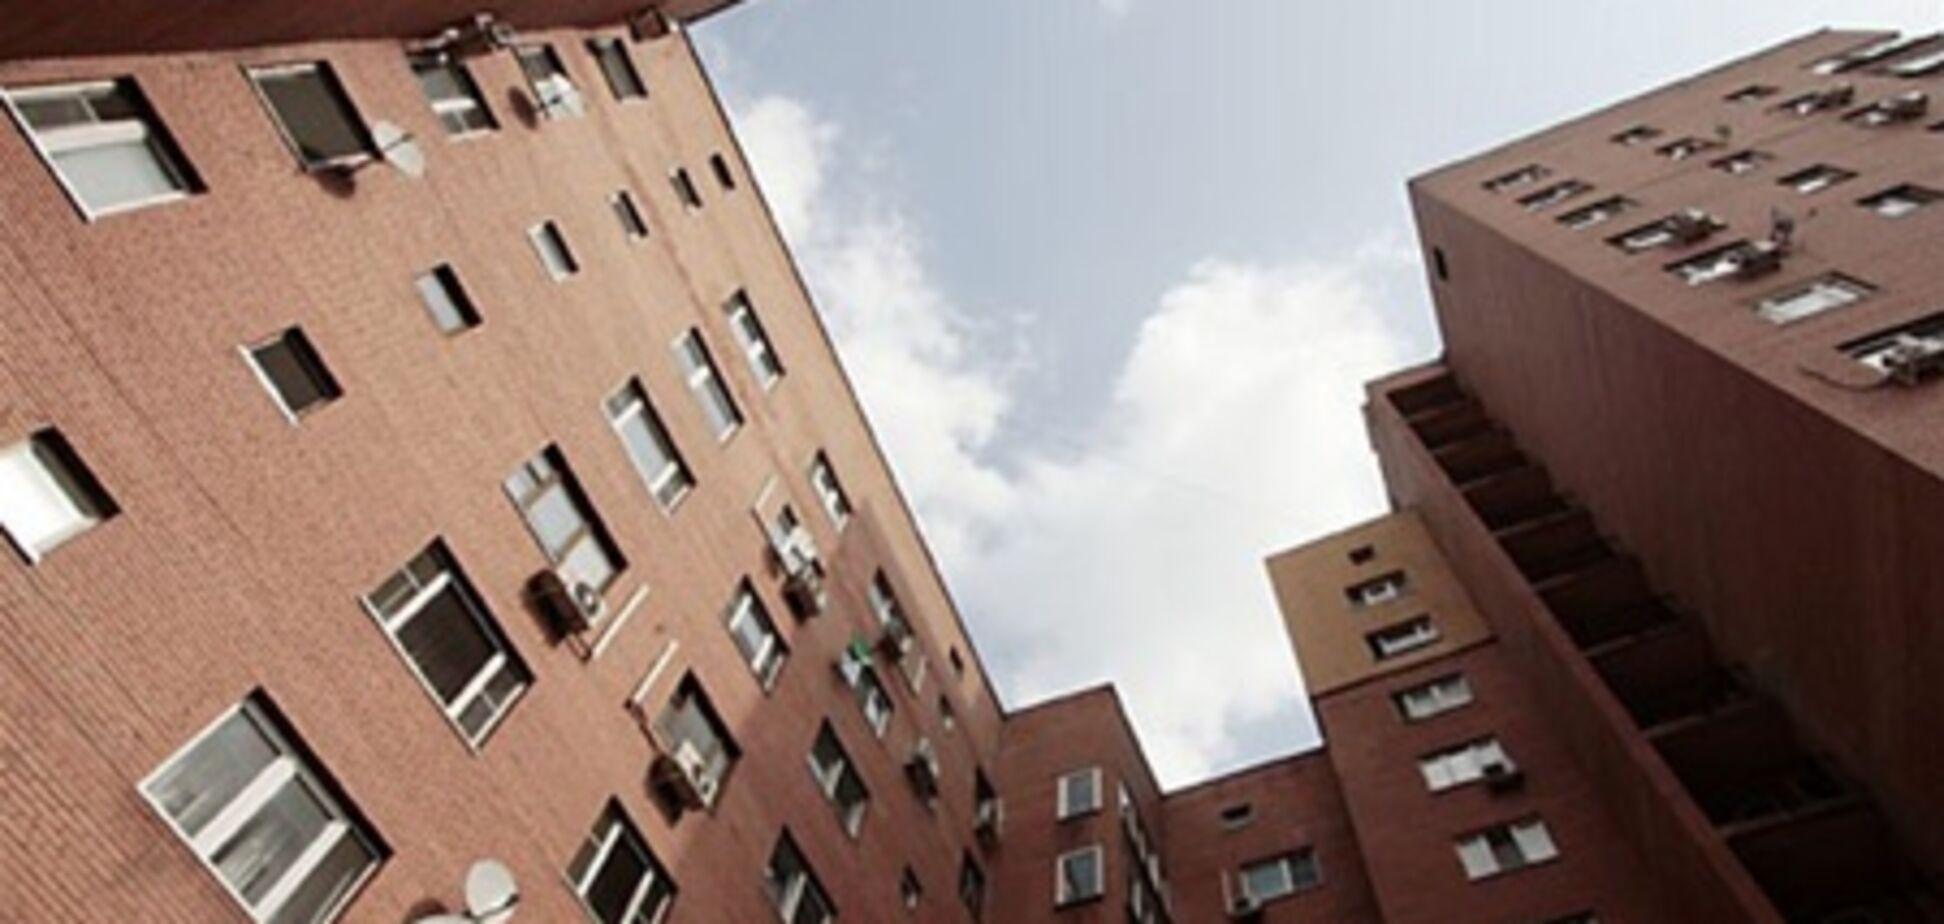 Рынок недвижимость ожил. В БТИ стоят огромные очереди